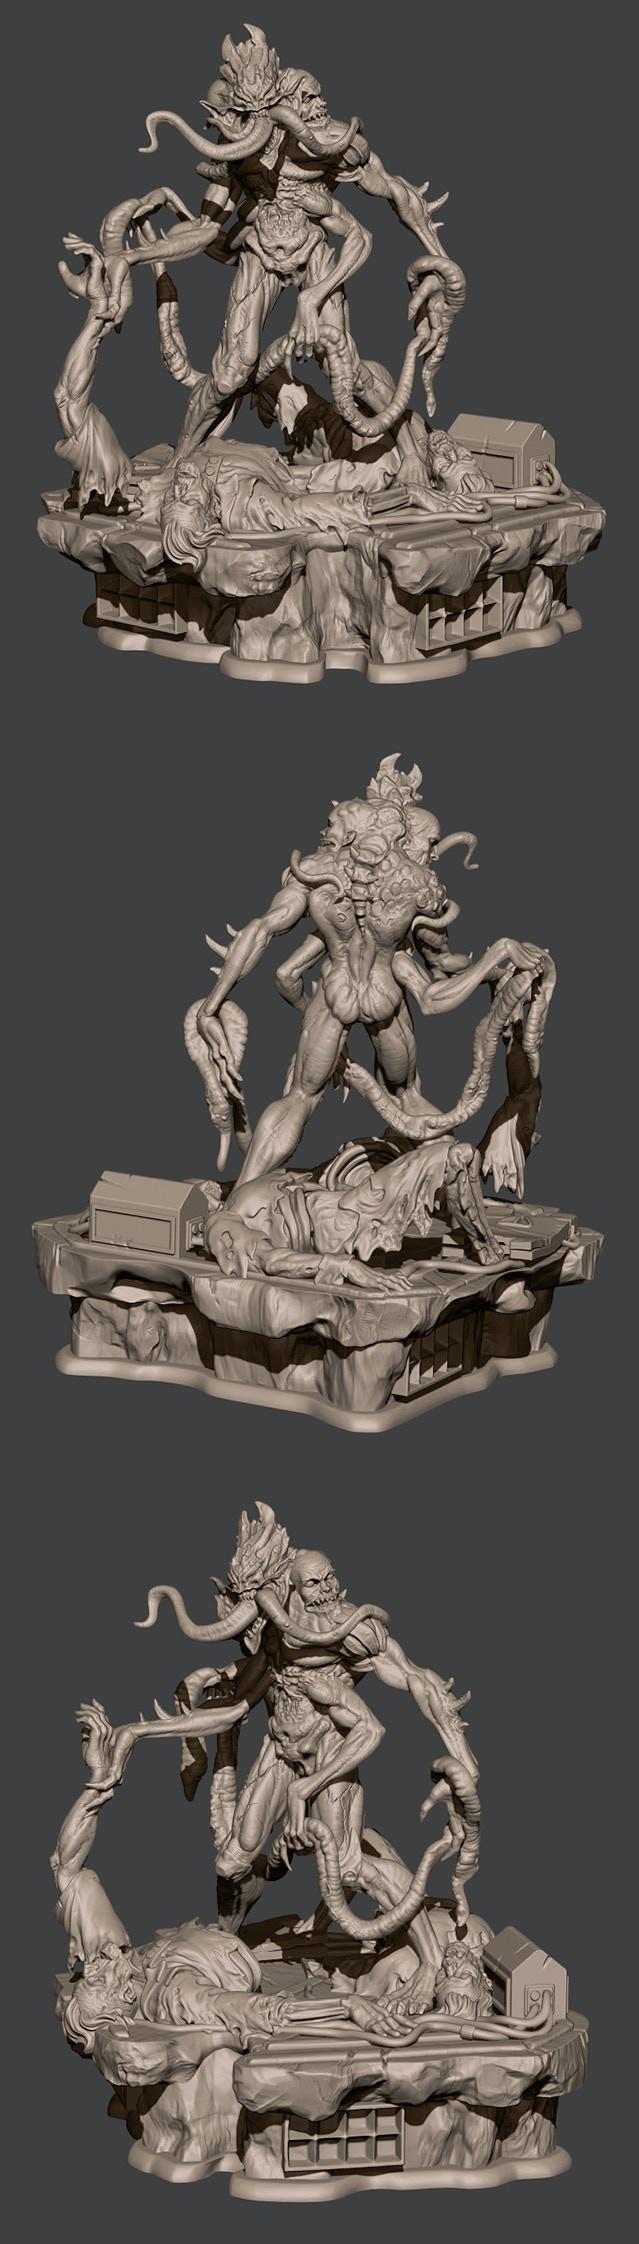 Epic Ravenous 3D modeling.